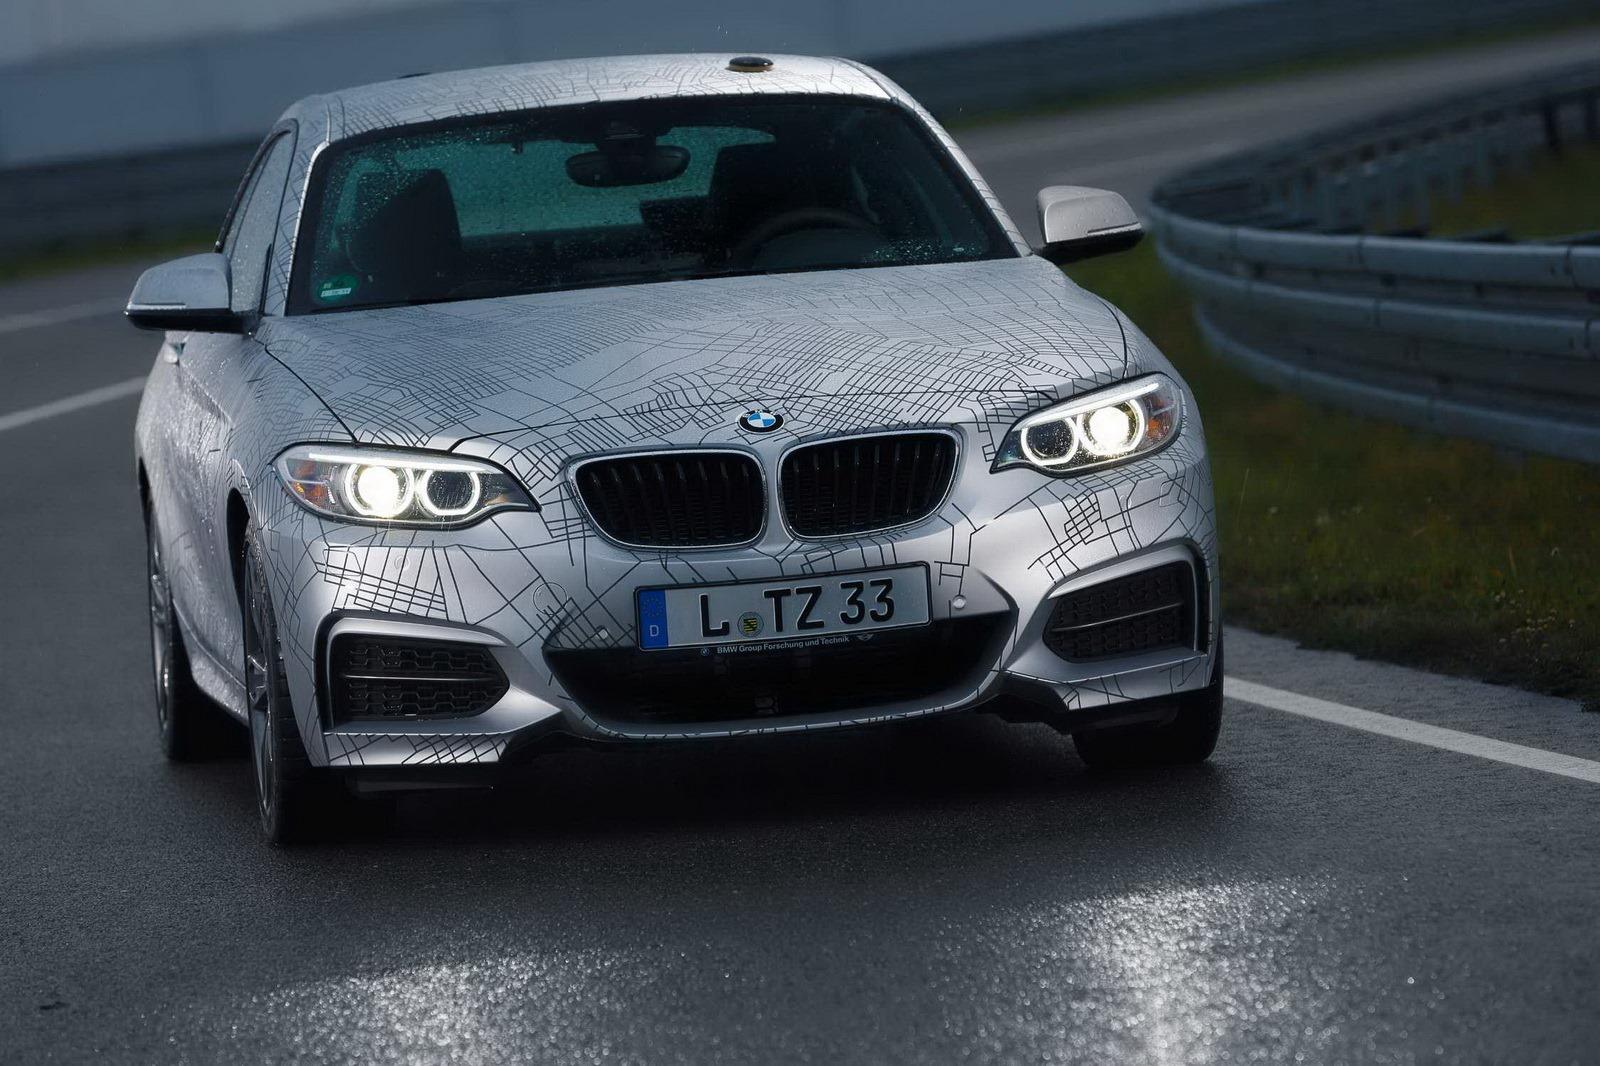 BMW trình diễn xe không người lái tự drift siêu hạng 6